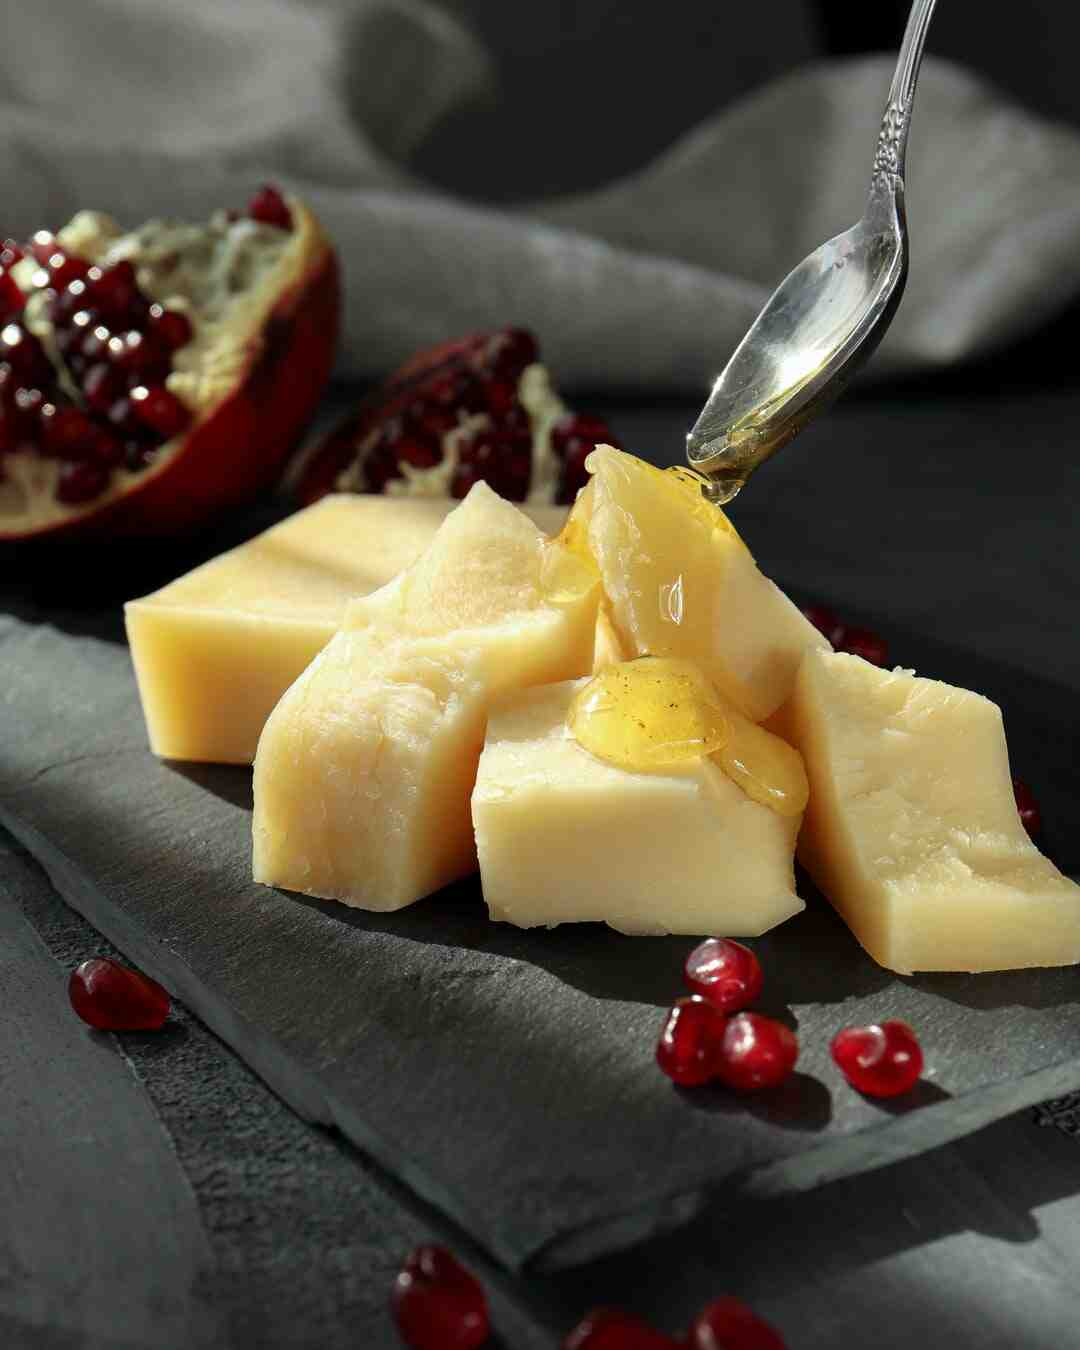 Comment faire du fromage avec du lait pasteurisé ?